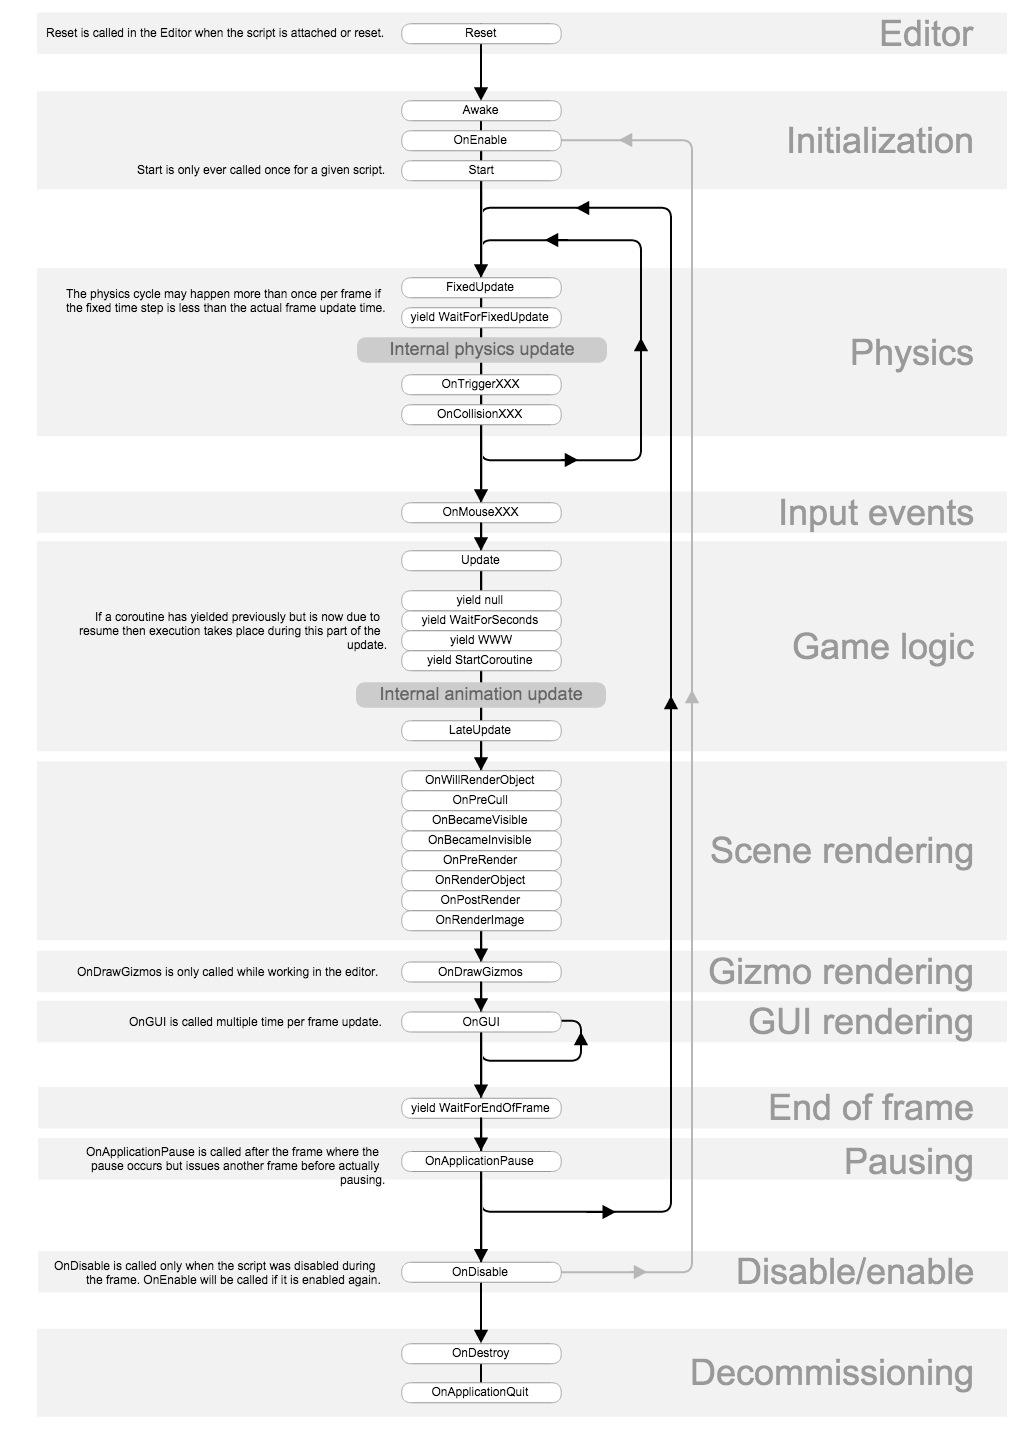 一张图了解Unity3d脚本执行流程